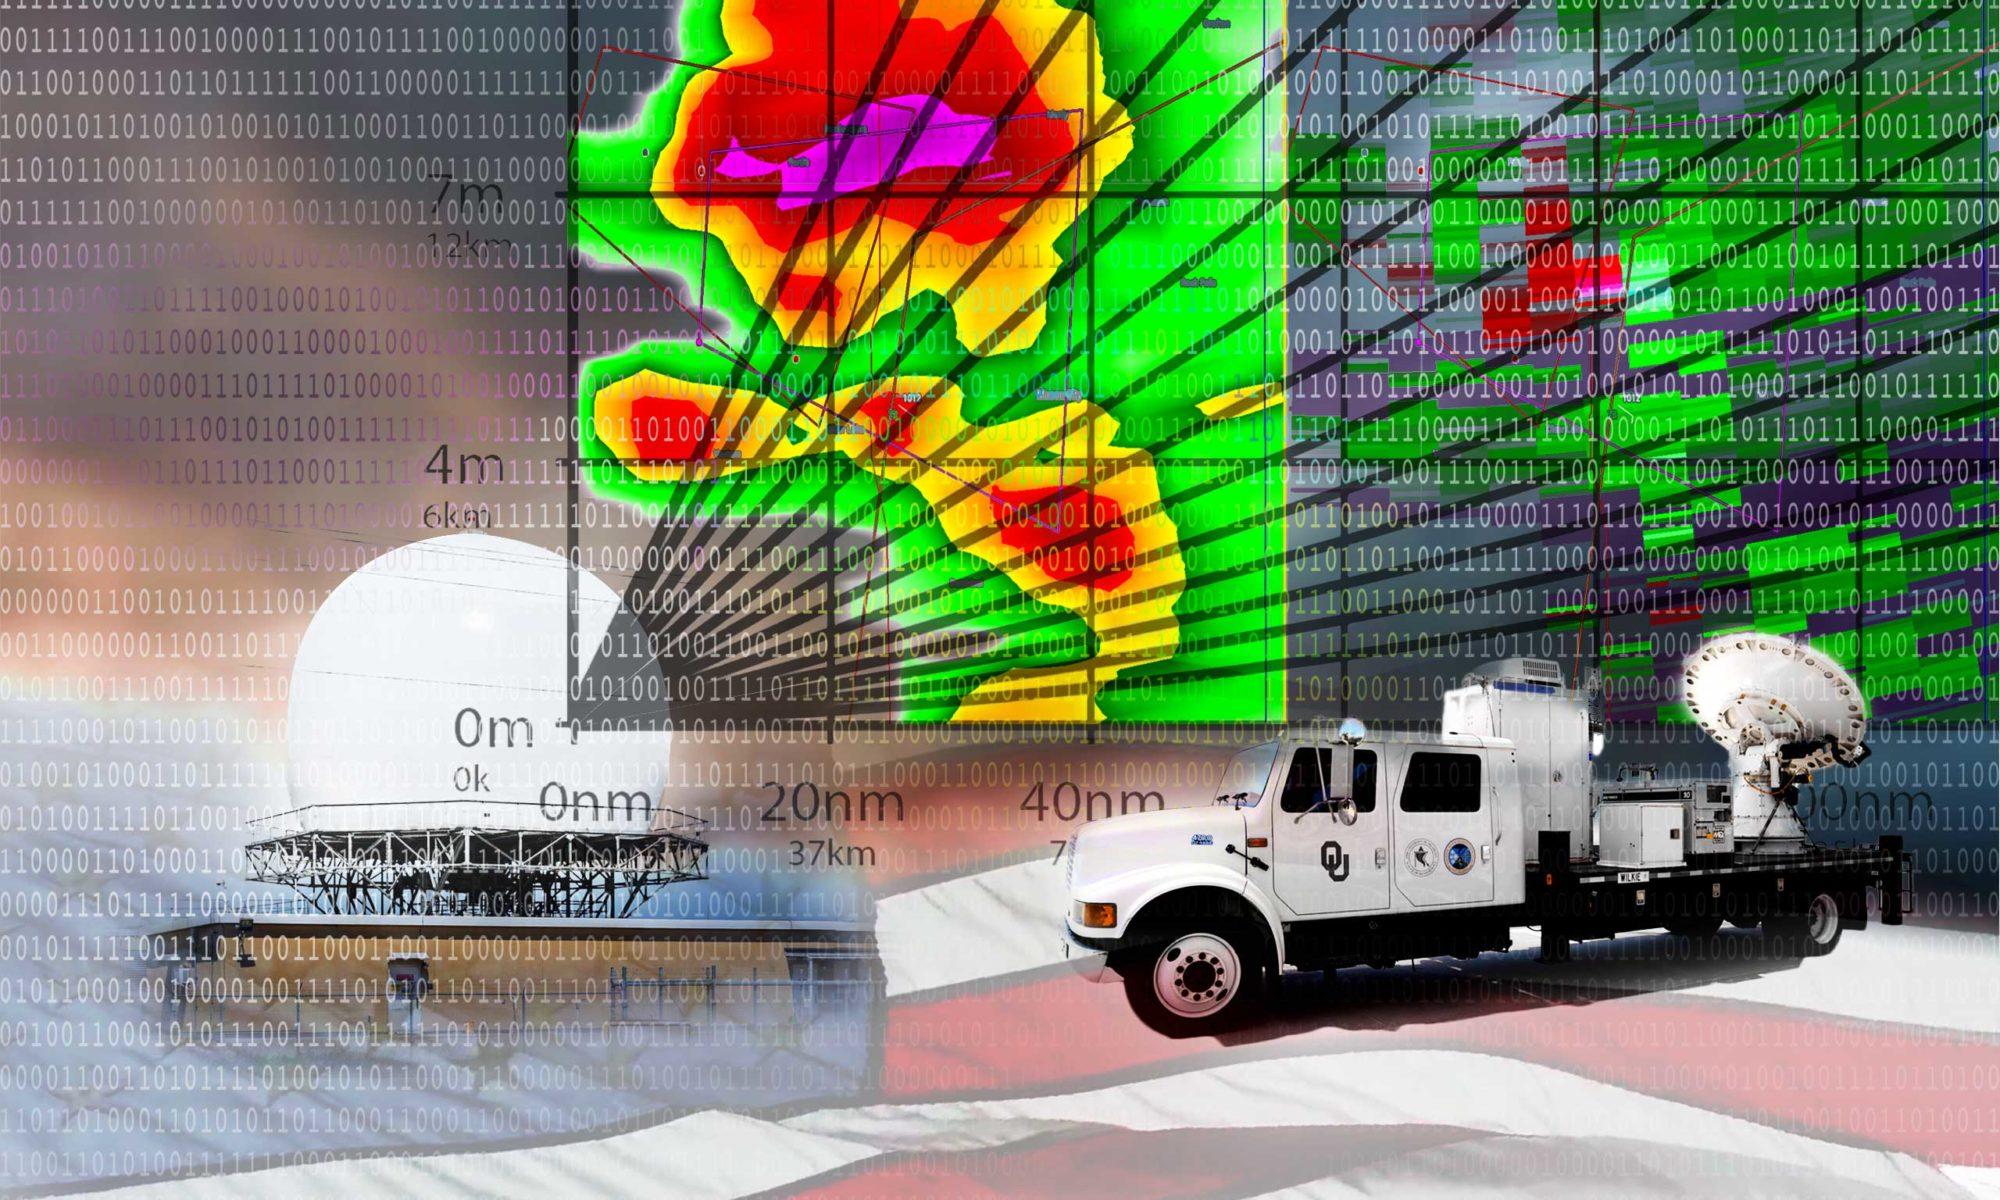 Doppler Weather radar illustration - © TsWISsTER